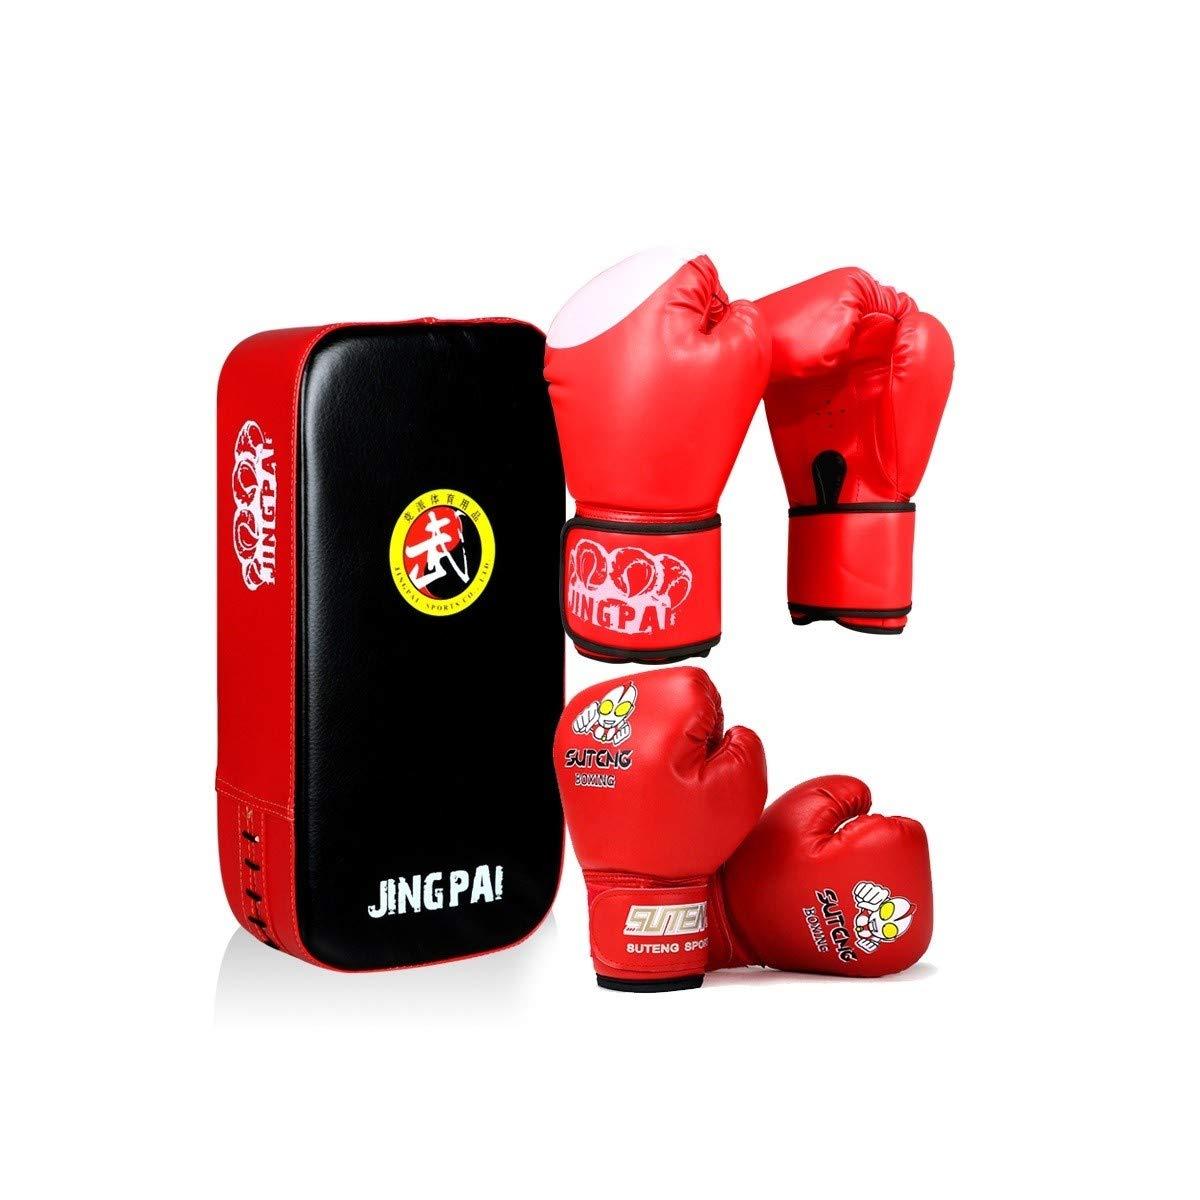 RLYBDL 子供の手袋セットボーイズ親子コンビネーション大人女子ジュニア三田ボクシンググローブフットターゲットバッフルキッカーターゲットレッドブルー、 (Color : 赤) 赤